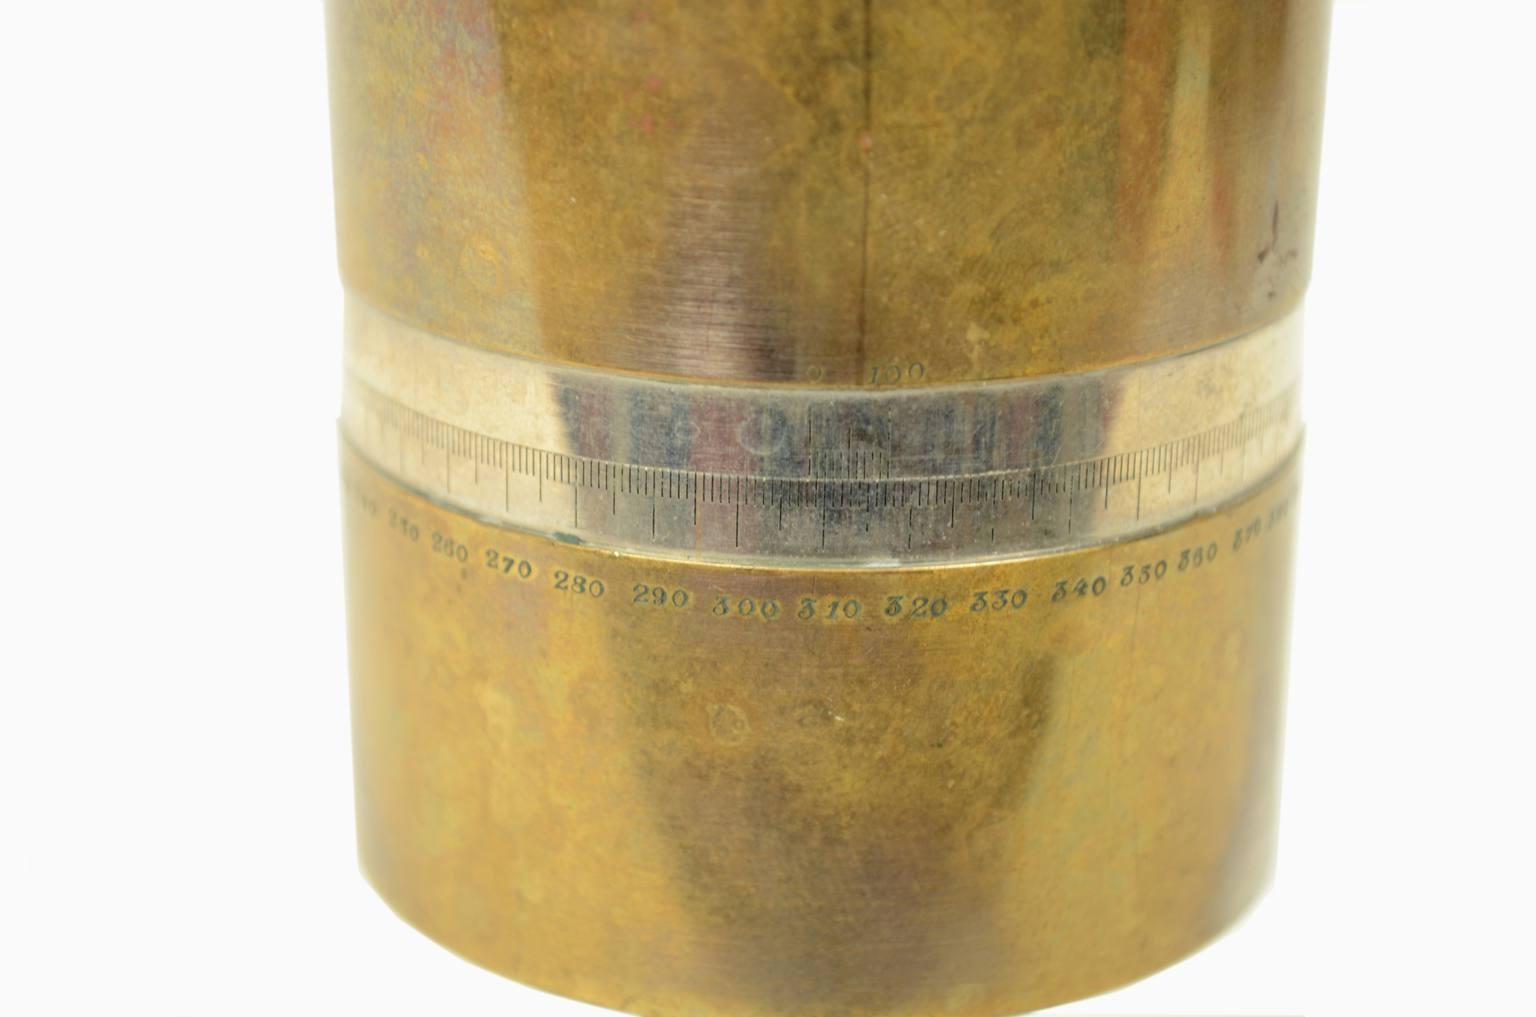 Strumenti di misura antichi/A21-Squadro Morin